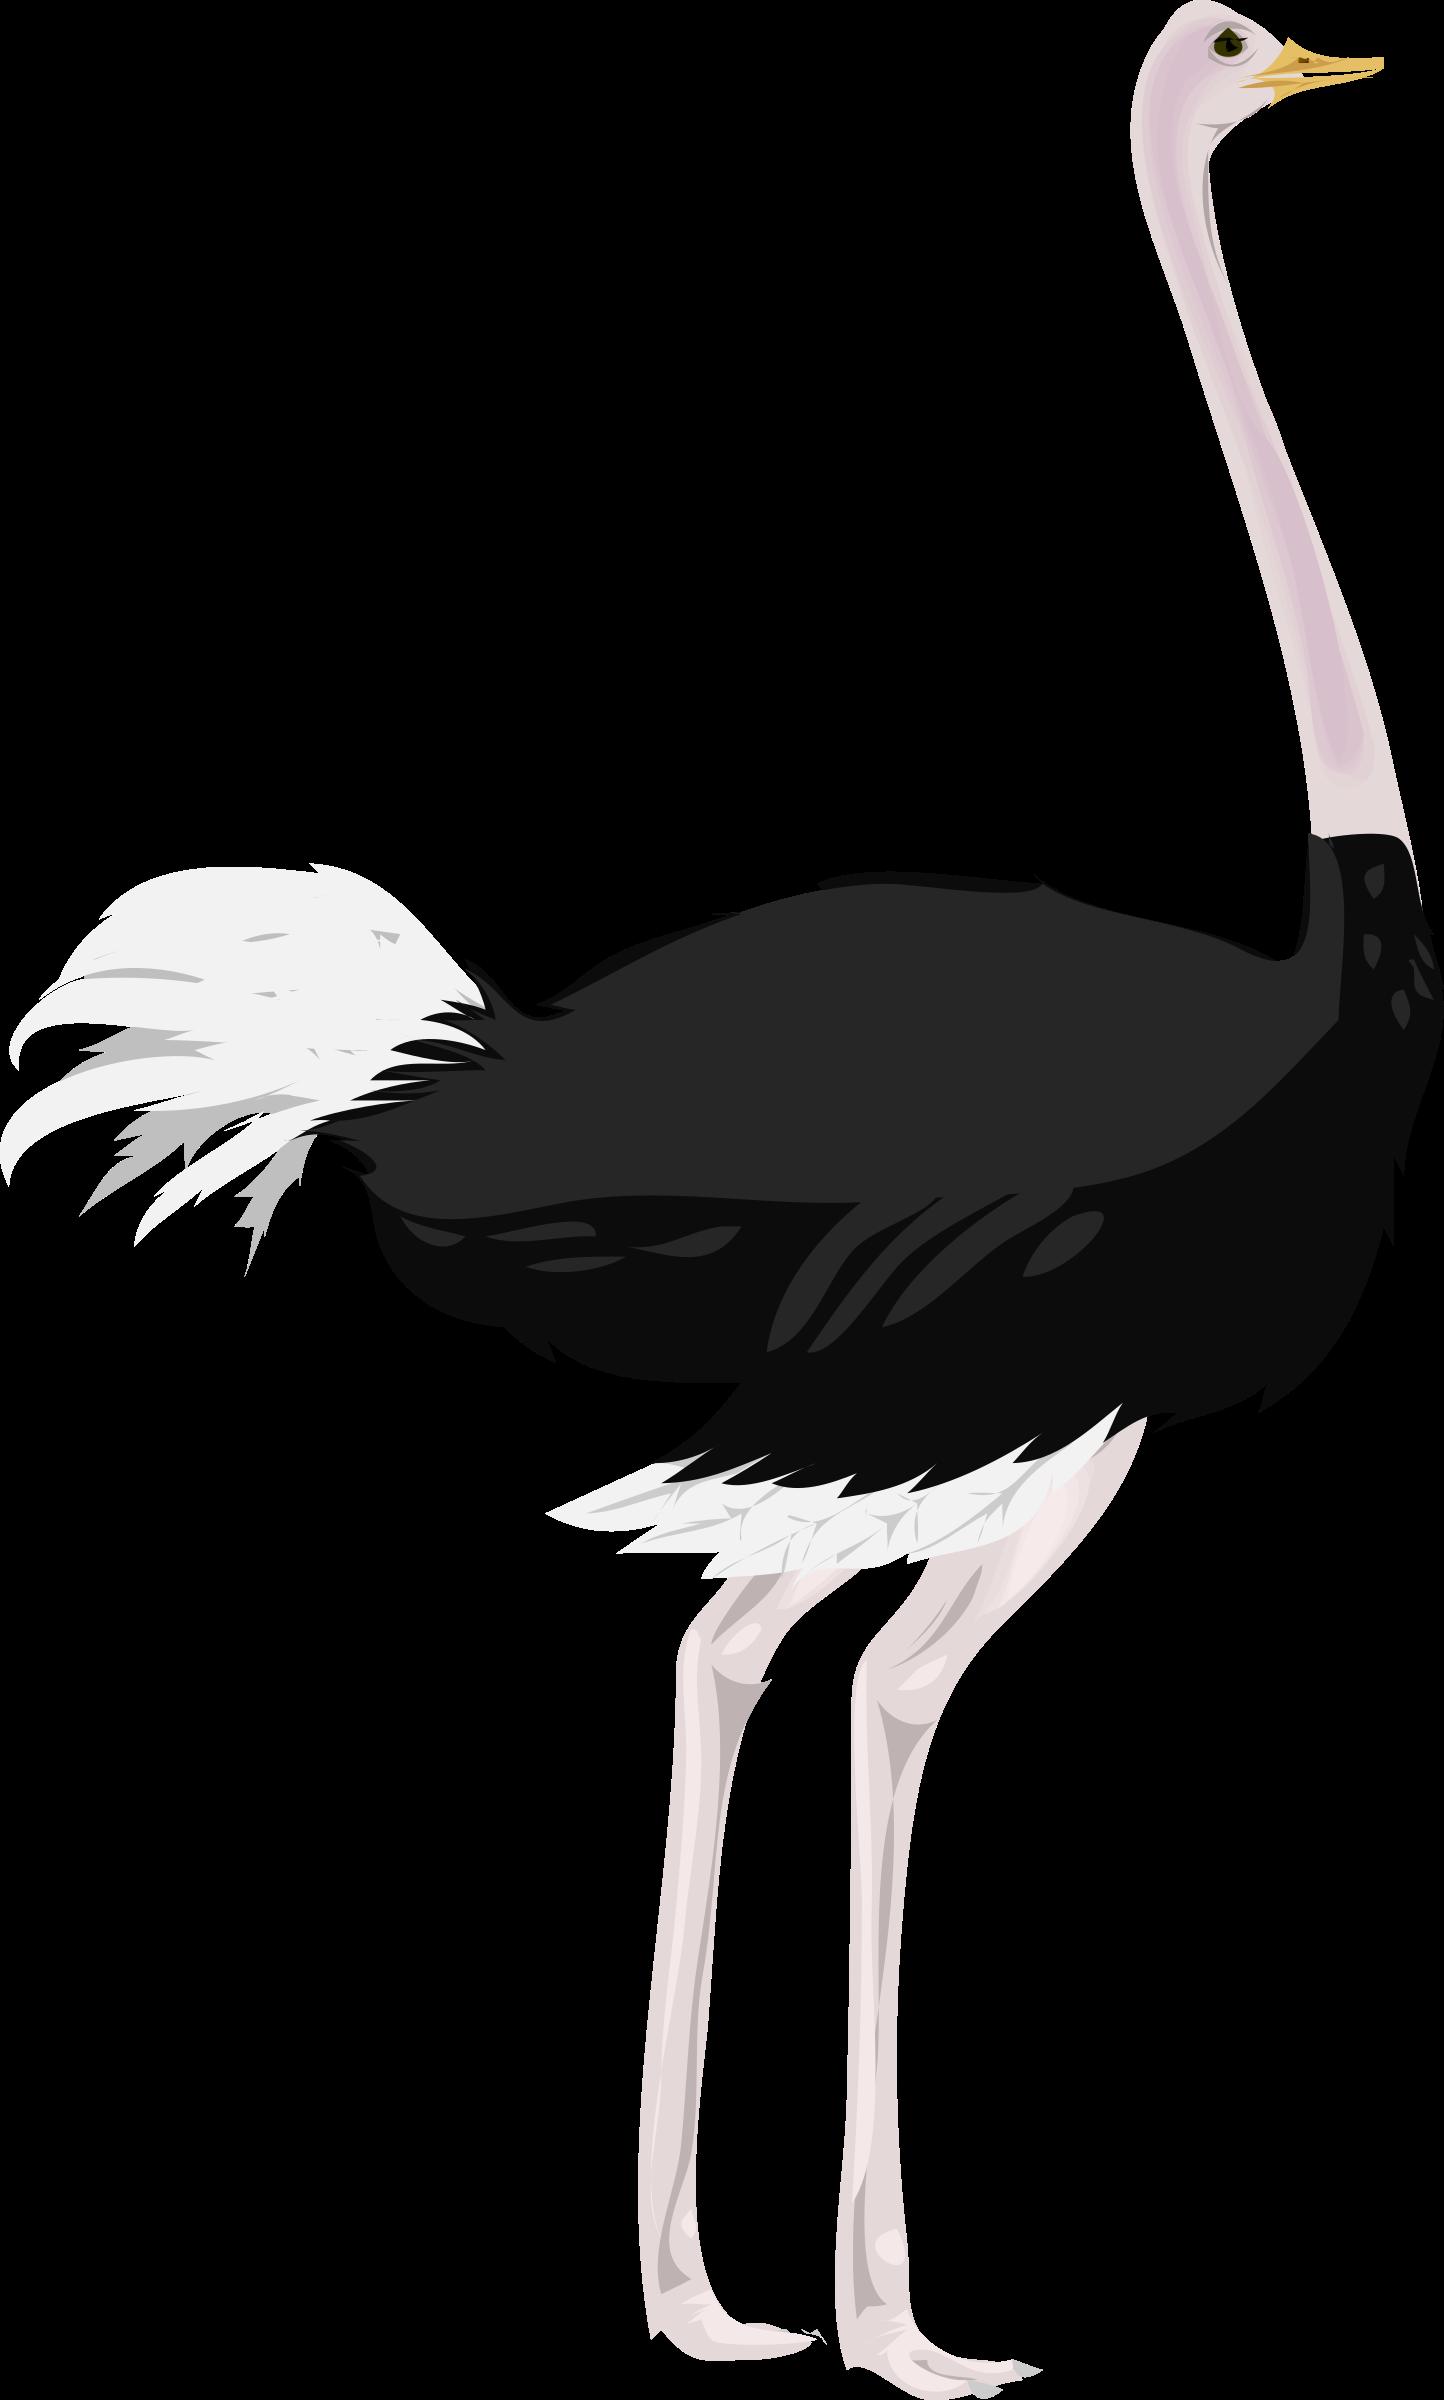 ostrich clipart ostrich bird